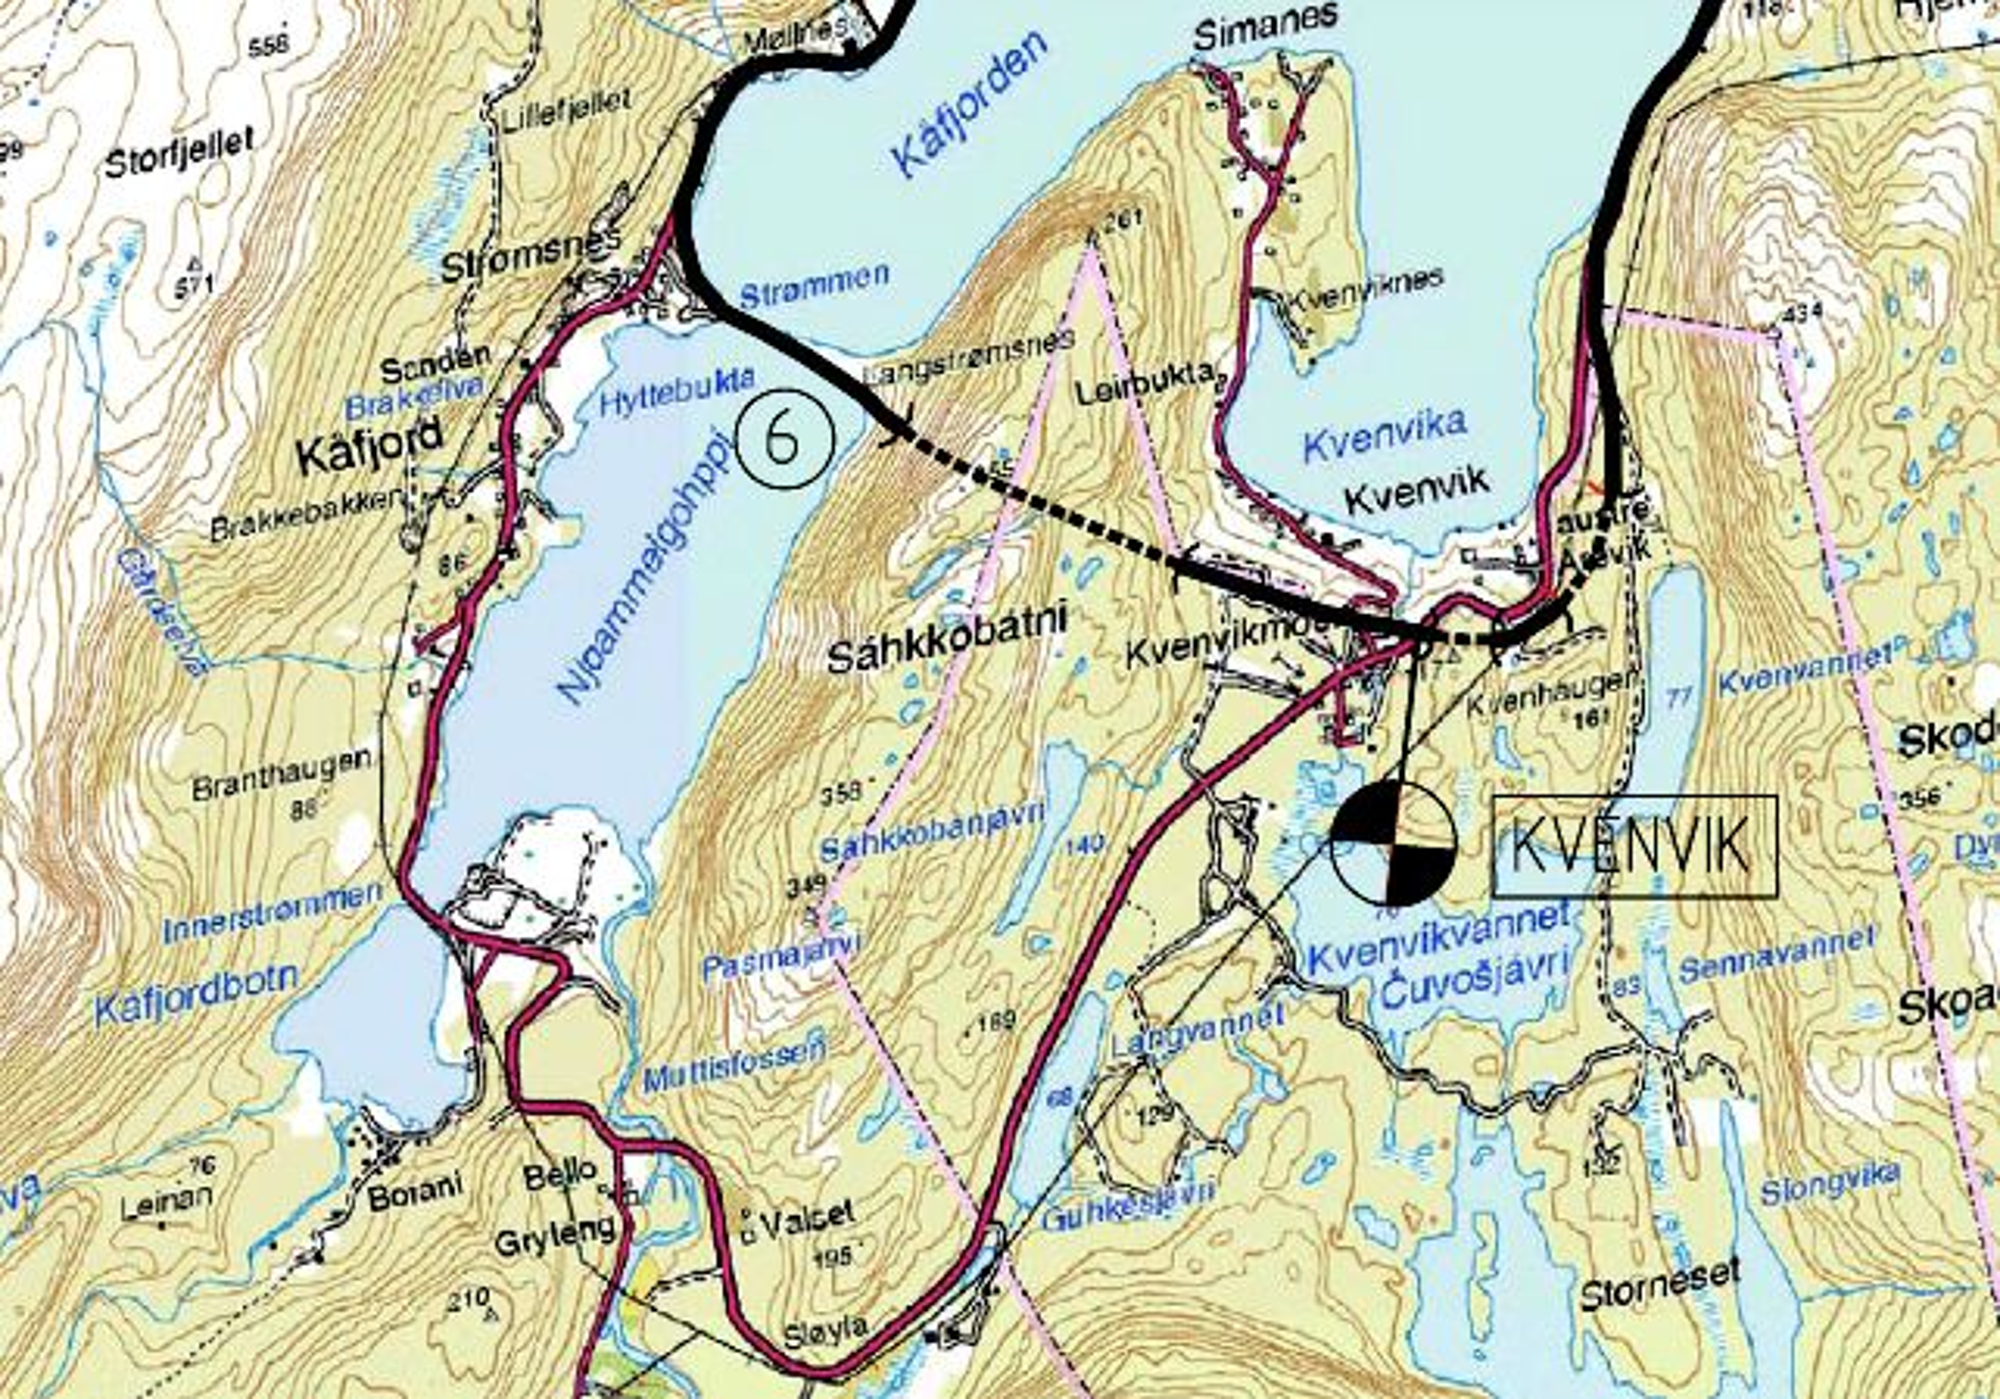 Den 1 195 meter lange Kåfjordtunnelen inngår i ny E 6 mellom Kvenvik og Møllenes. Når den åpnes i september 2012, blir vegen seks kilometer kortere.